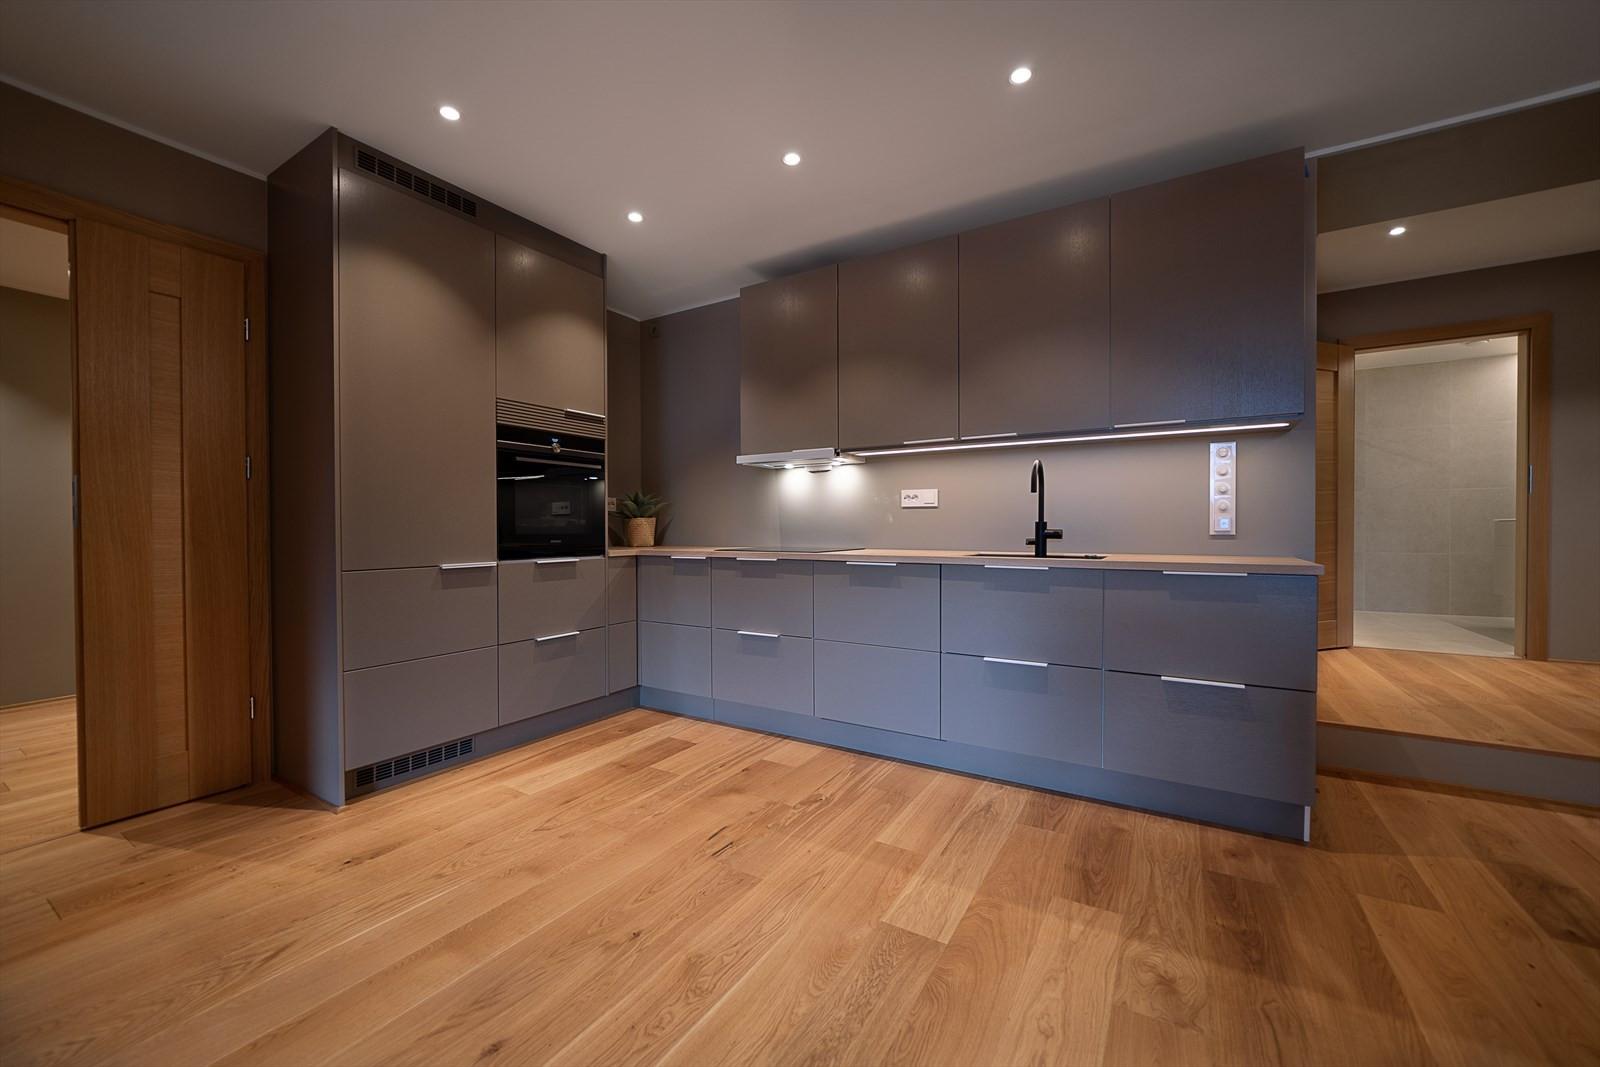 Kjøkkenet er levert fra NOVA og er av høy kvalitet og har integrerte hvitevarer